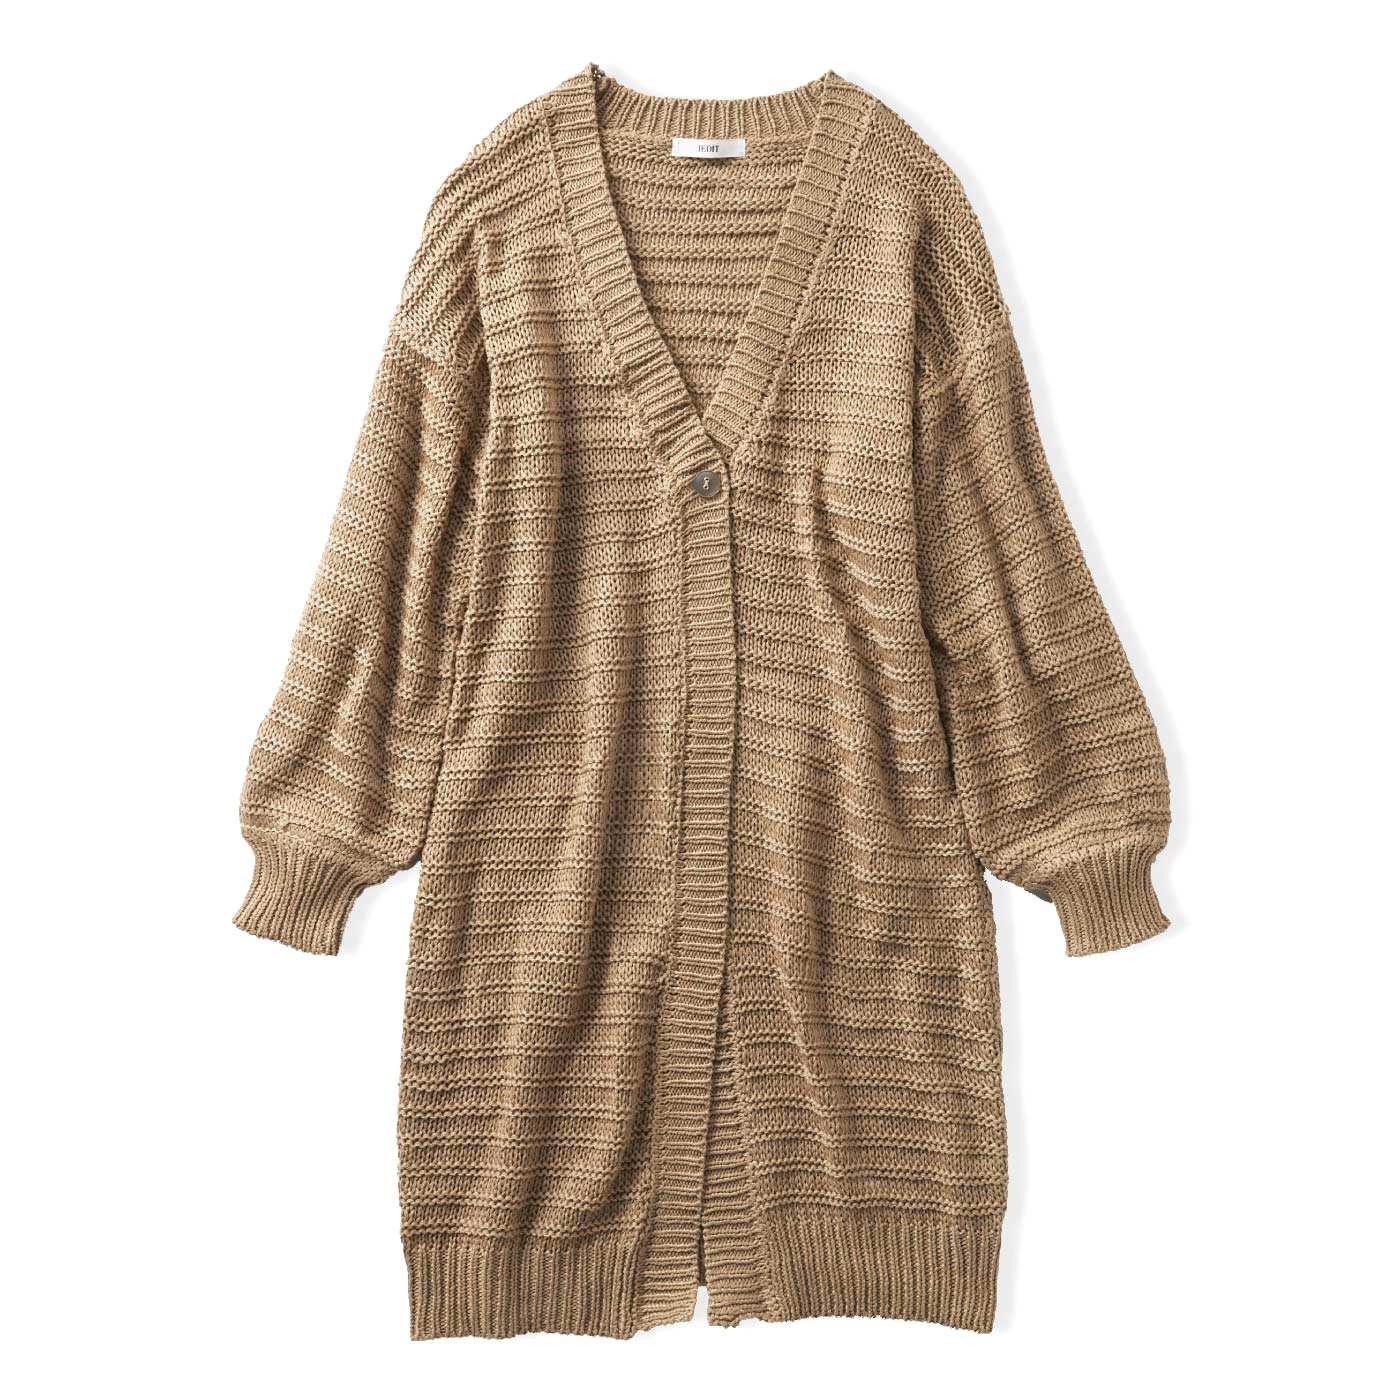 IEDIT[イディット] リリヤーン糸のガーター編みでメリハリが効いた ざっくりロングニットカーディガン〈キャメルベージュ〉